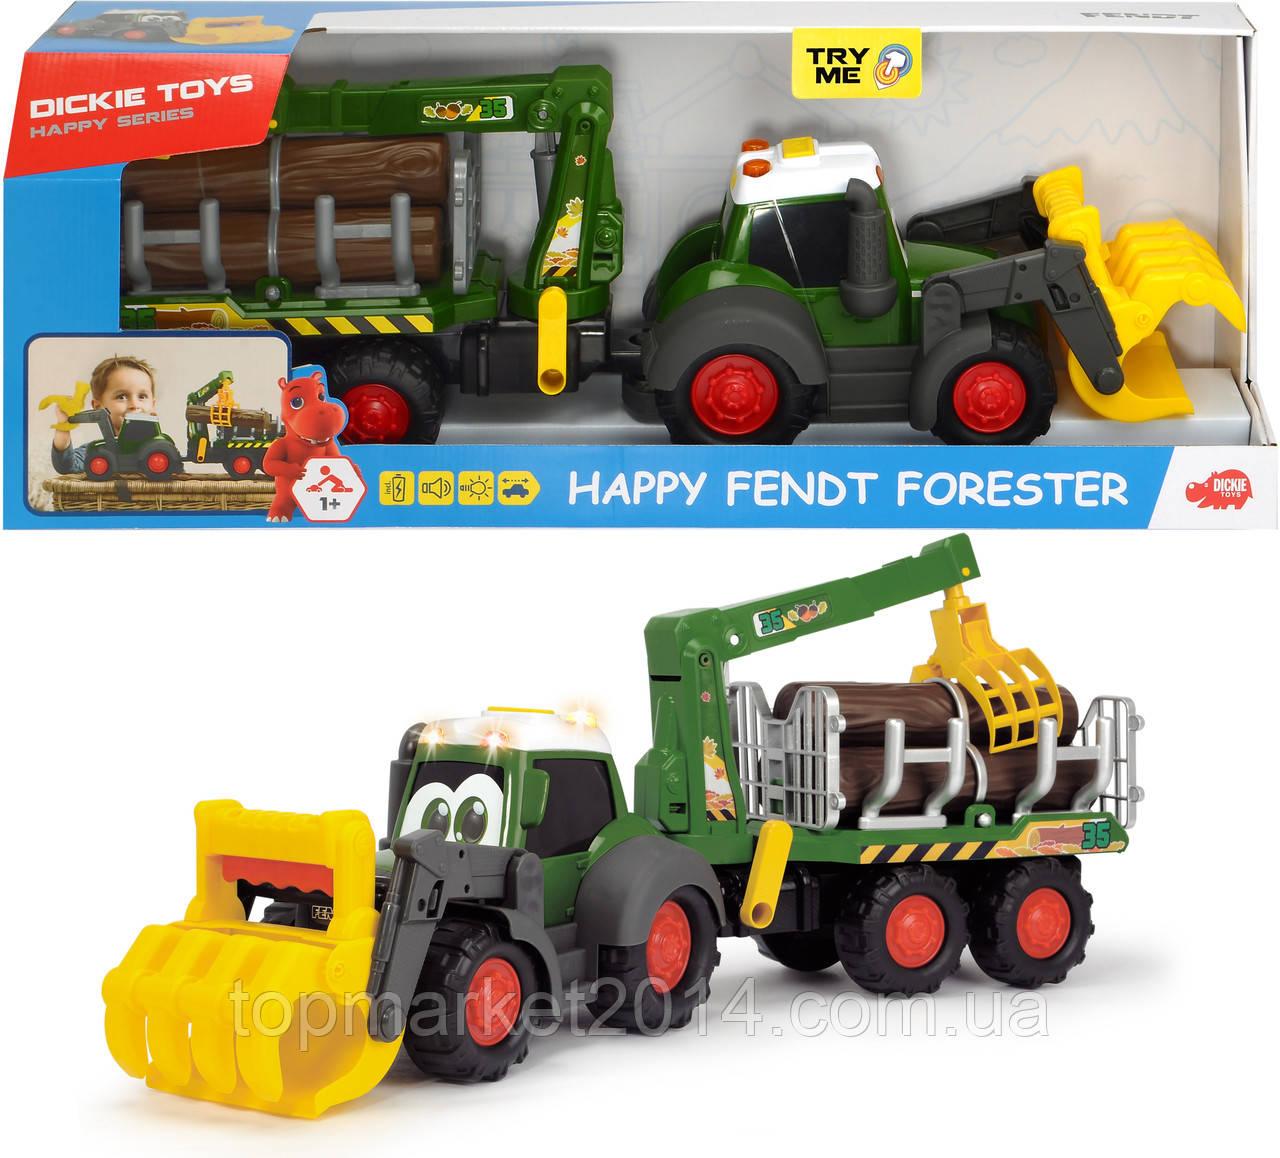 """Трактор лесника Dickie Toys """"Хэппи. Фендт"""" с краном со звуком и световыми эффектами 65 см (3819003)"""